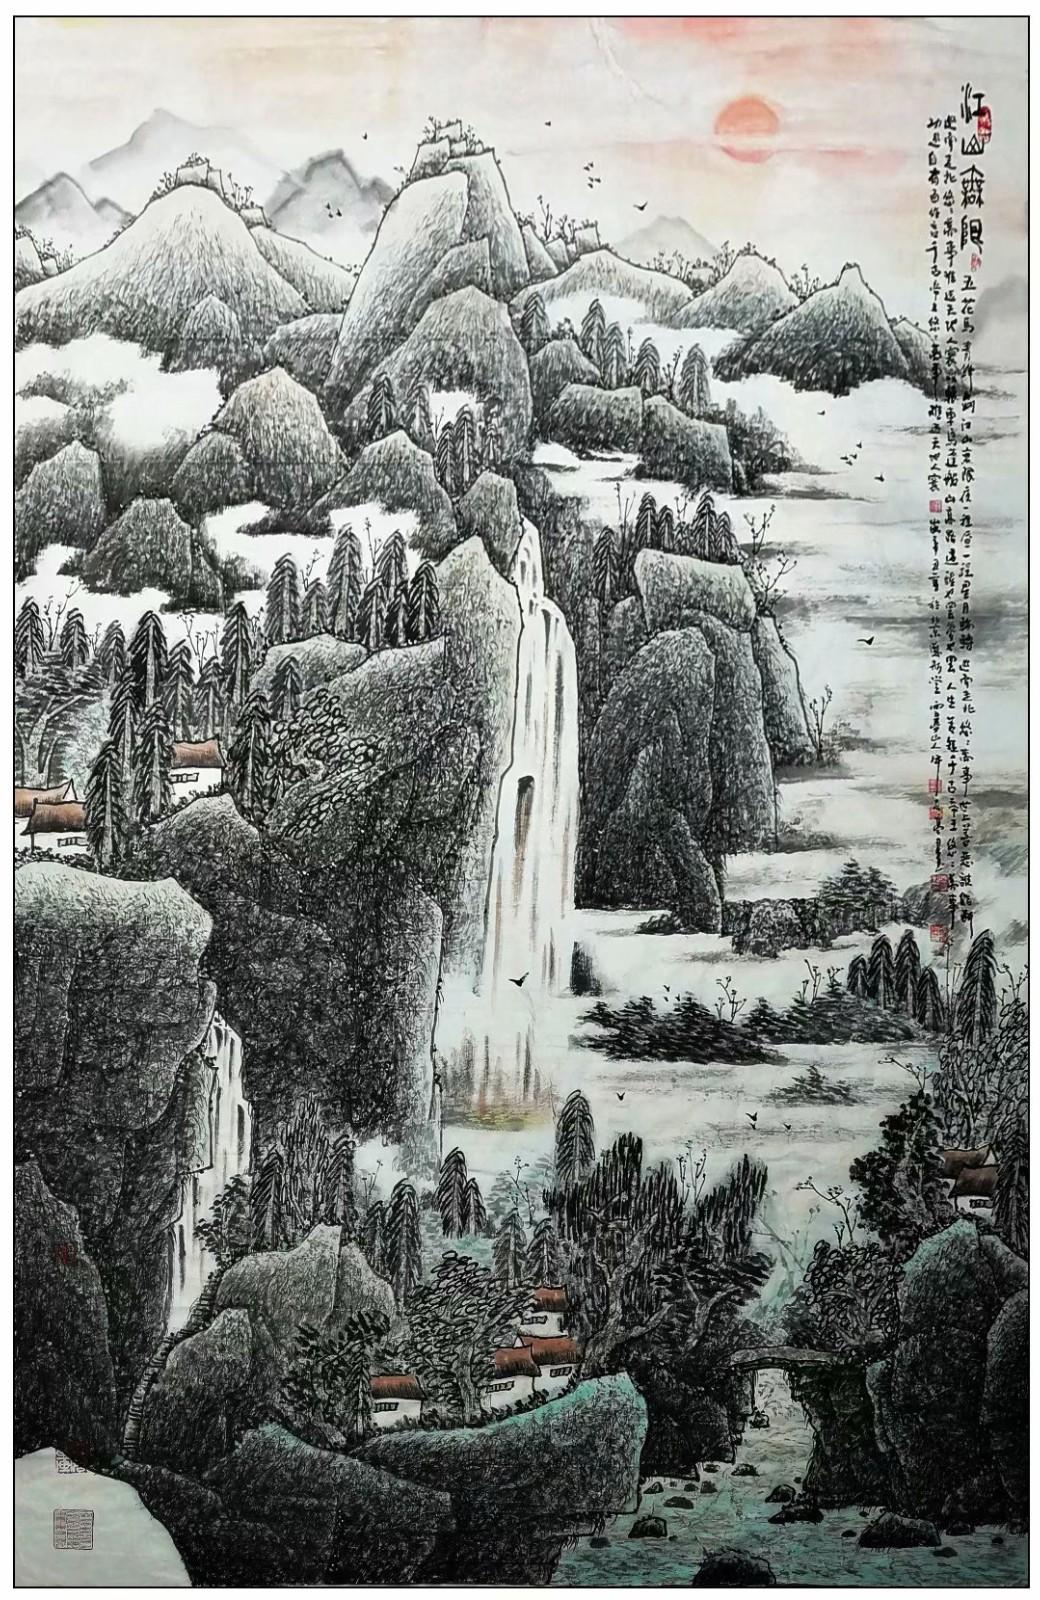 牛志高山水画新作---2021.04.04_图1-1